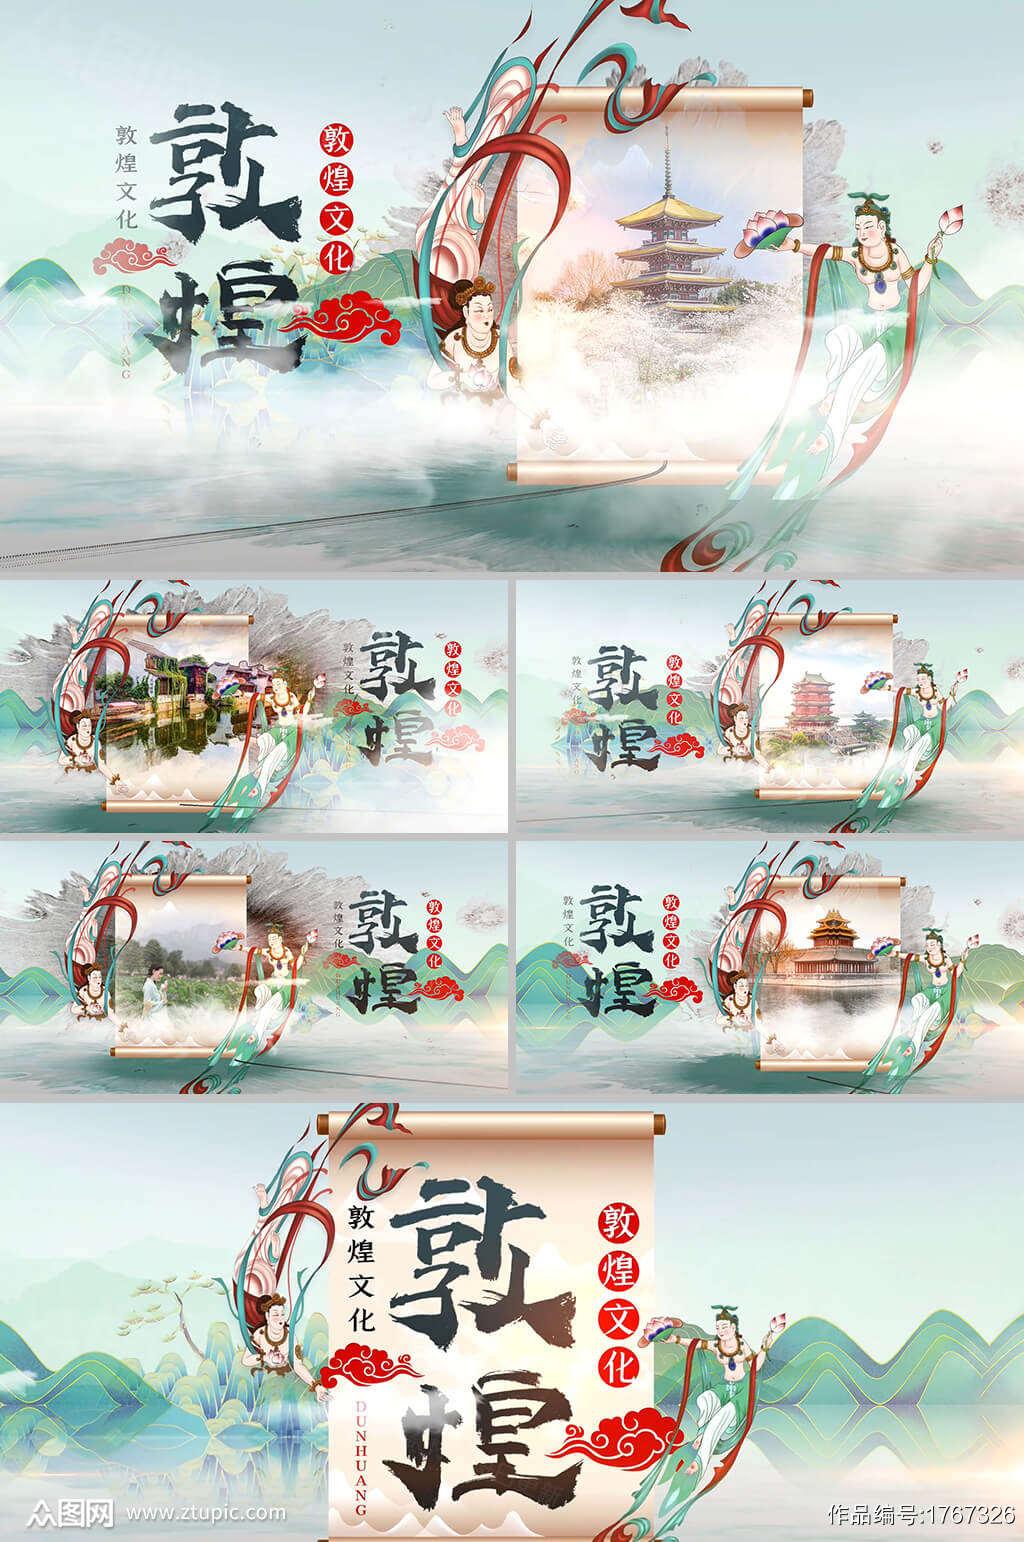 水墨中国风光效敦煌文化图文展示AE模板视频素材